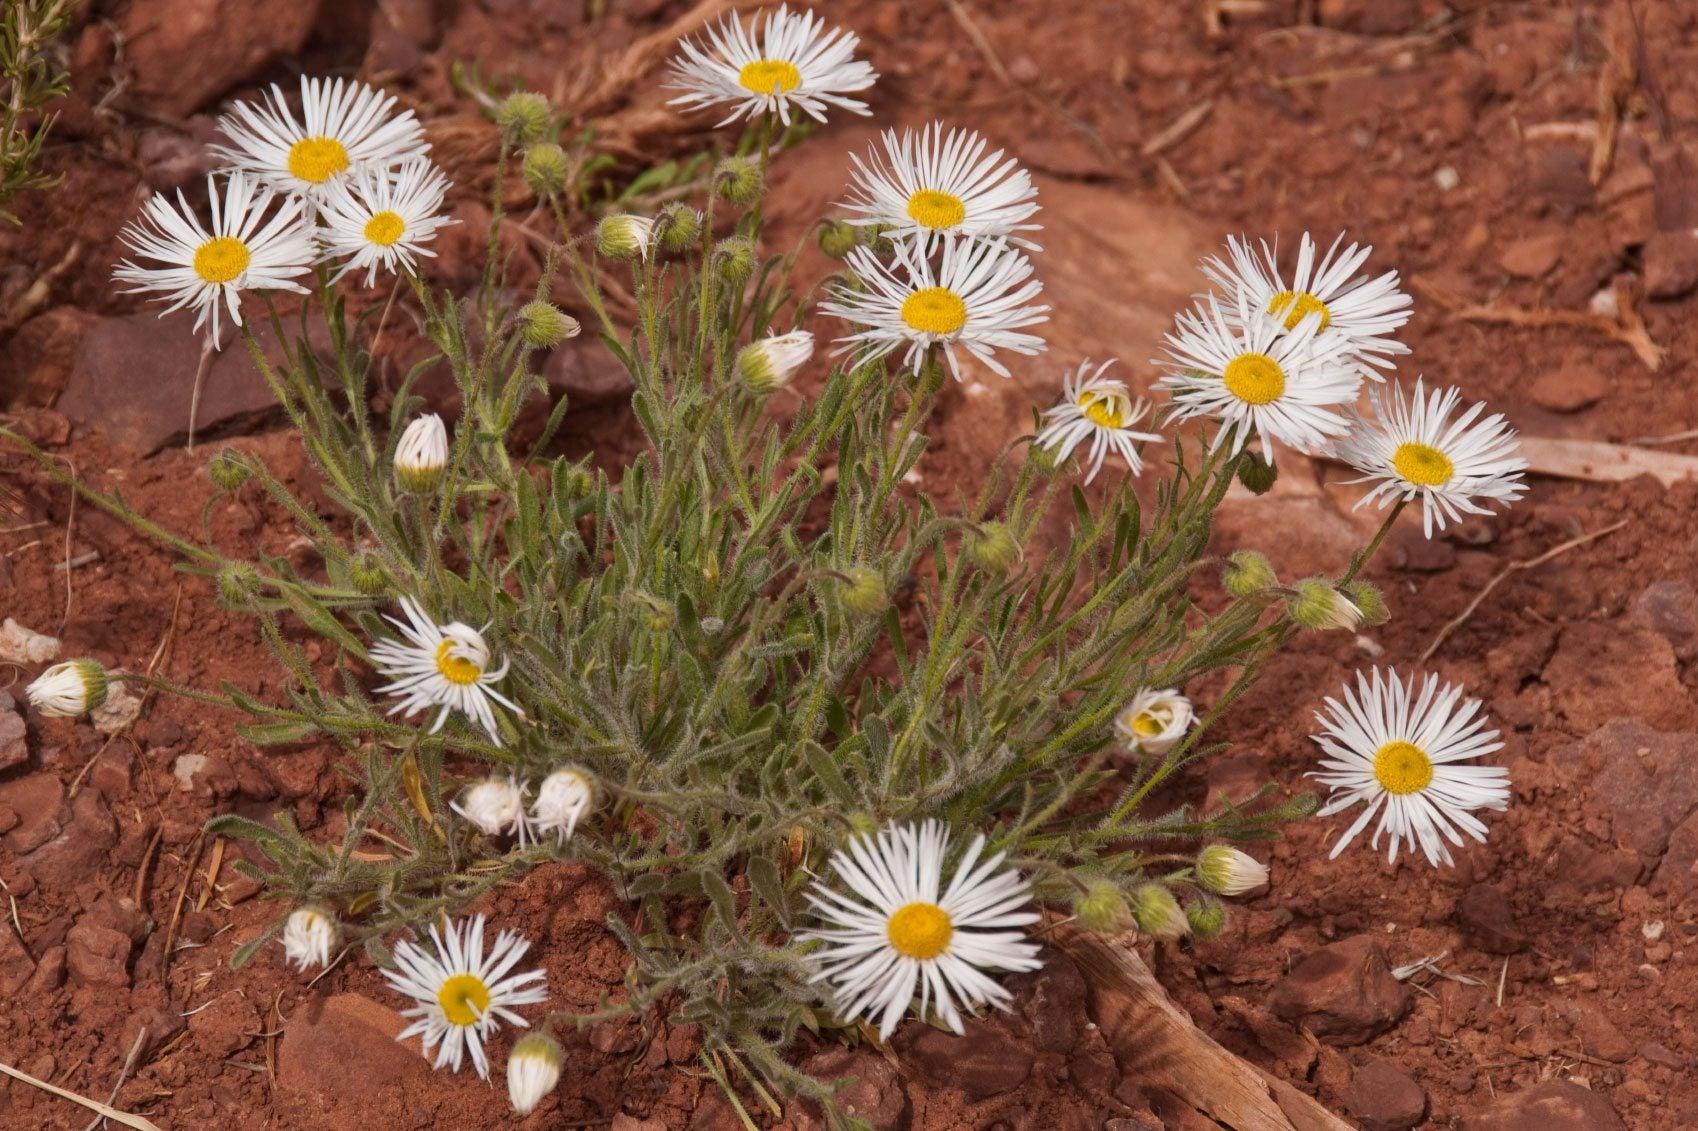 Managing Fleabane Plants Learn About Fleabane Control